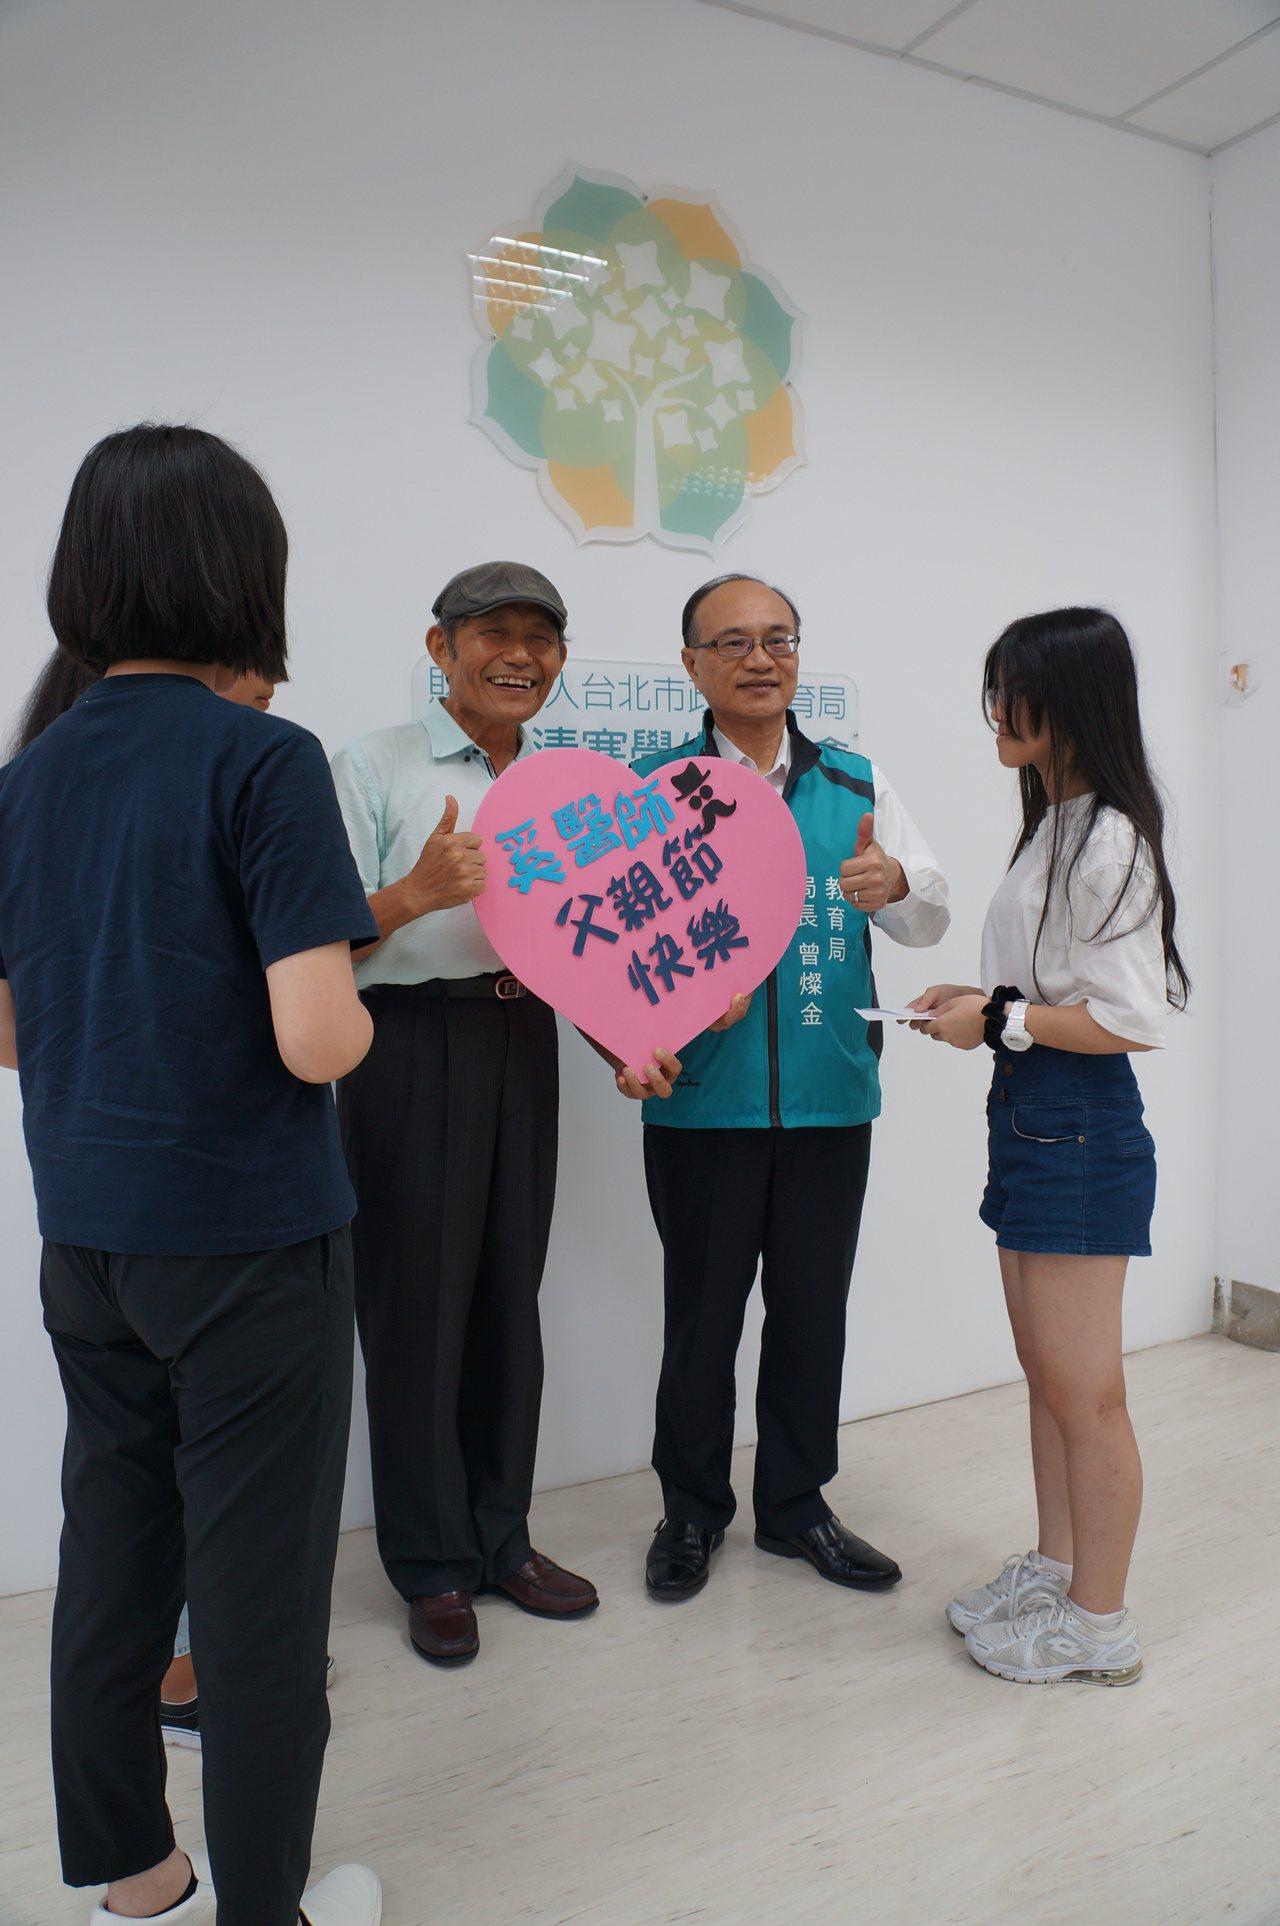 奚臺陽(左2)忙於公益,數十年不間斷笑稱,今年加入台北市教育局認助清寒學生基金會...